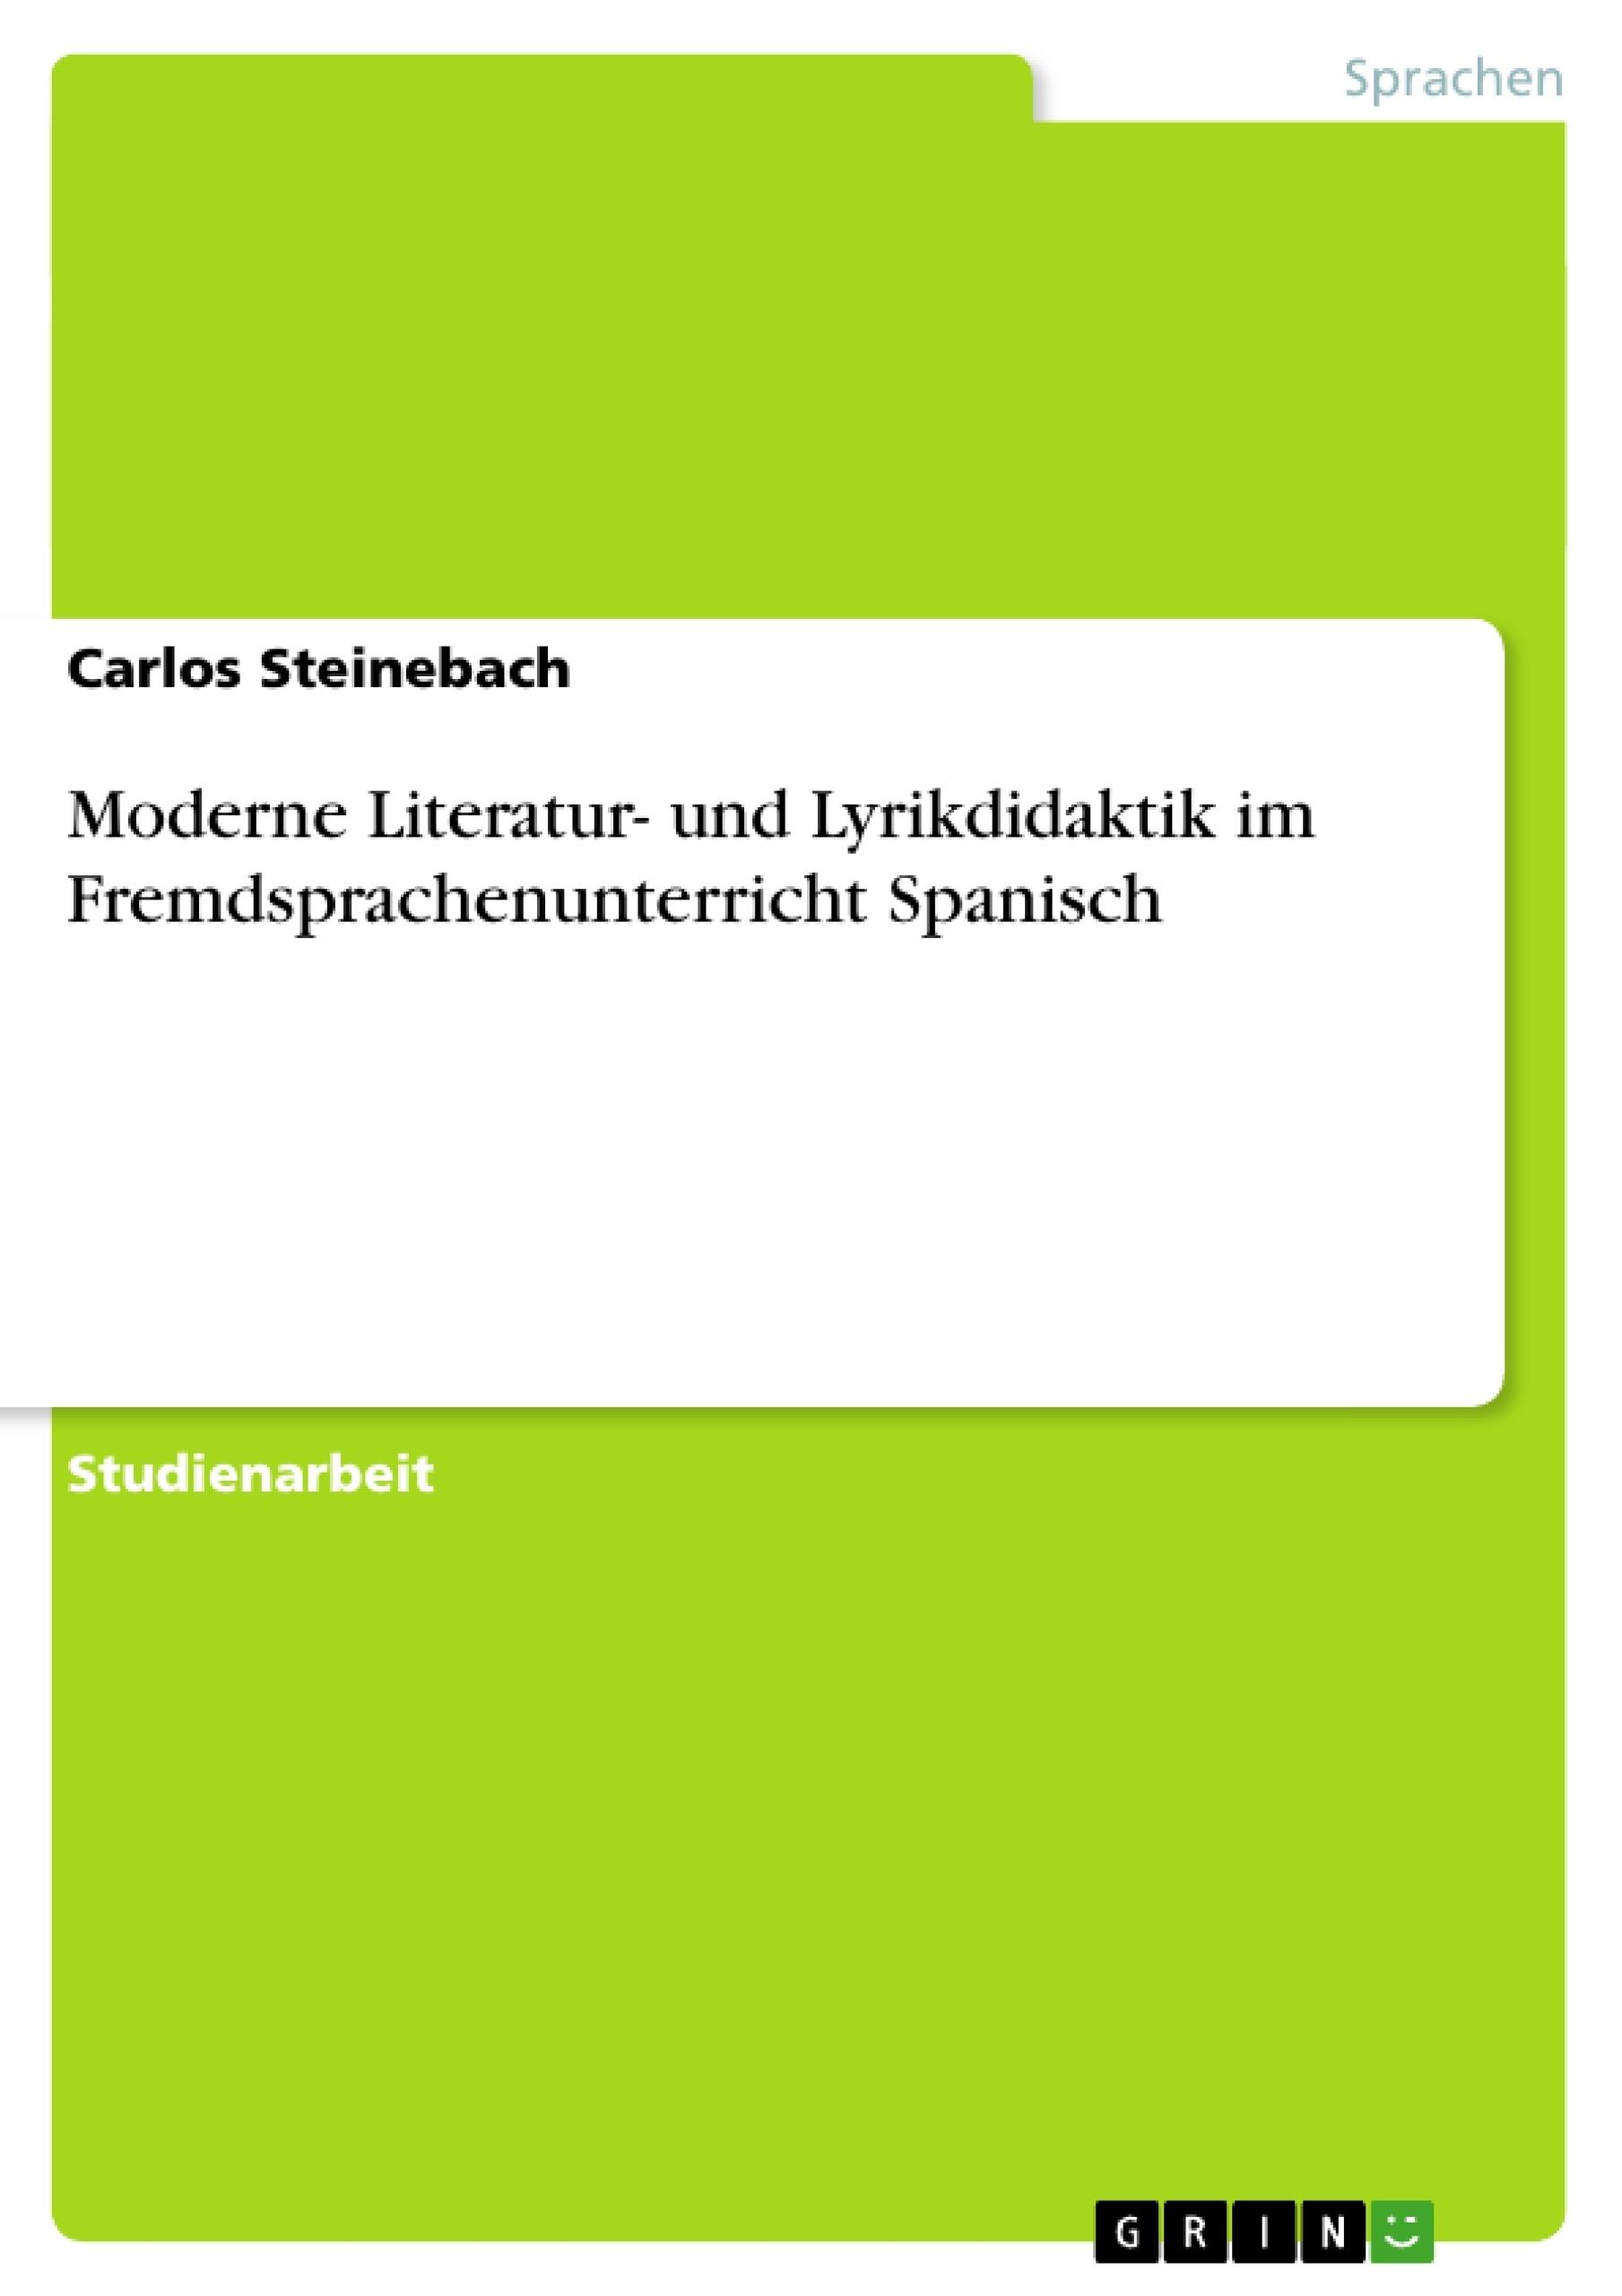 Titel: Moderne Literatur- und Lyrikdidaktik im Fremdsprachenunterricht Spanisch